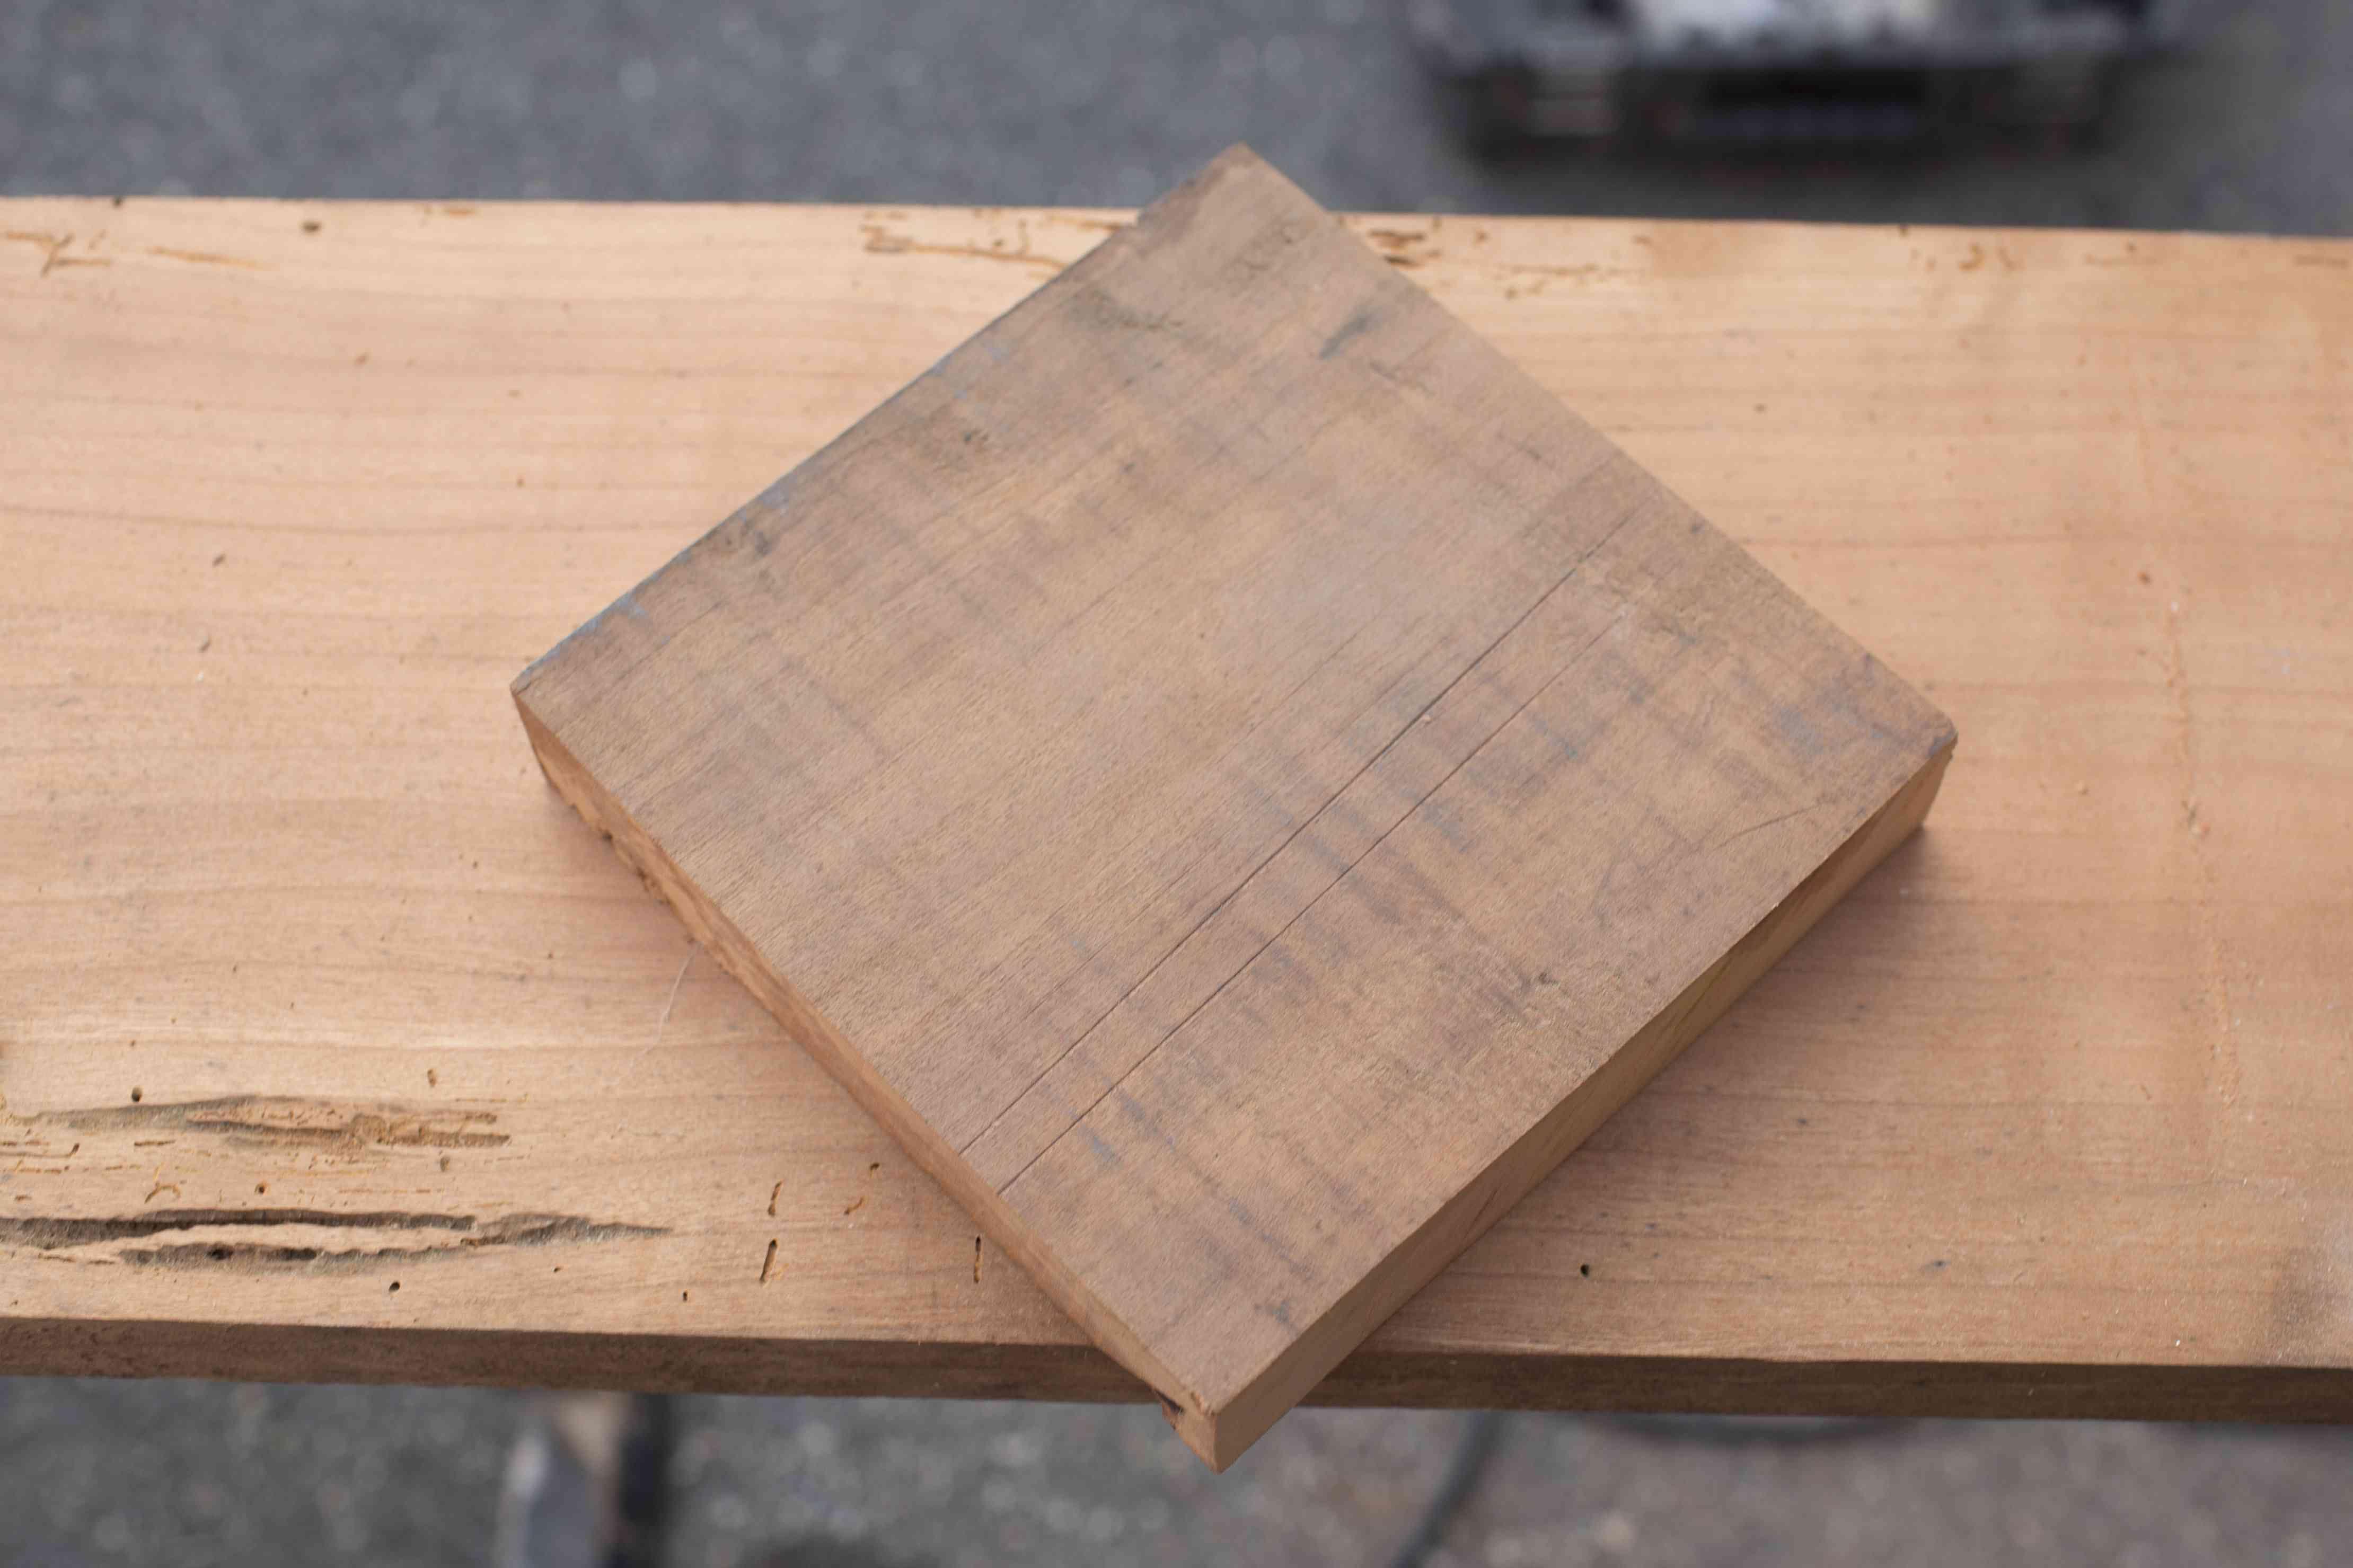 Cut square of wood